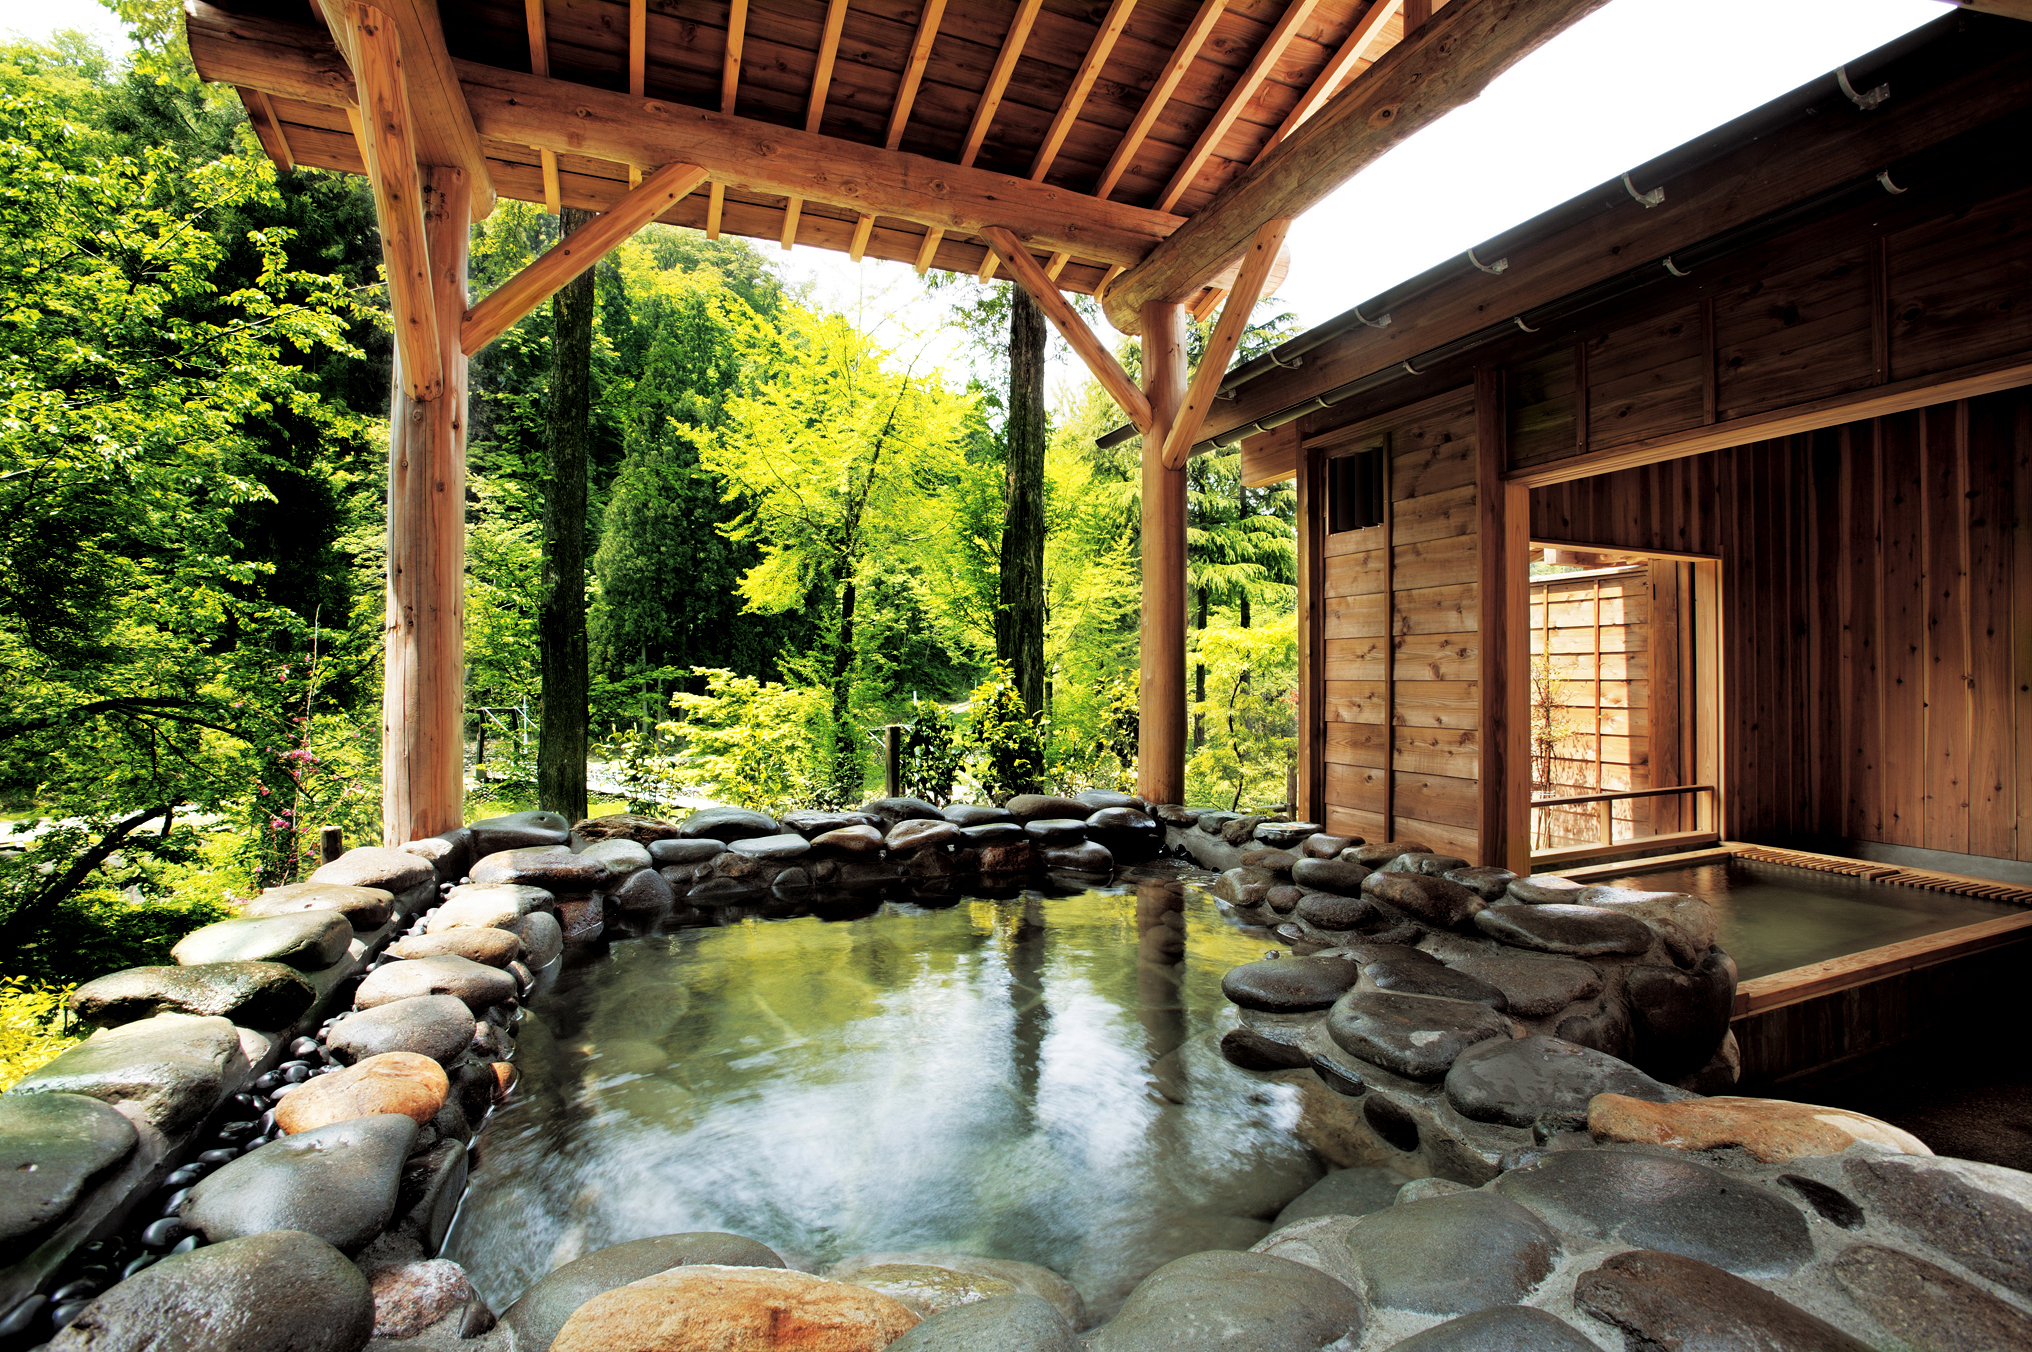 赤湯温泉は上杉家ゆかりの湯!日帰りなどおすすめをランキング!